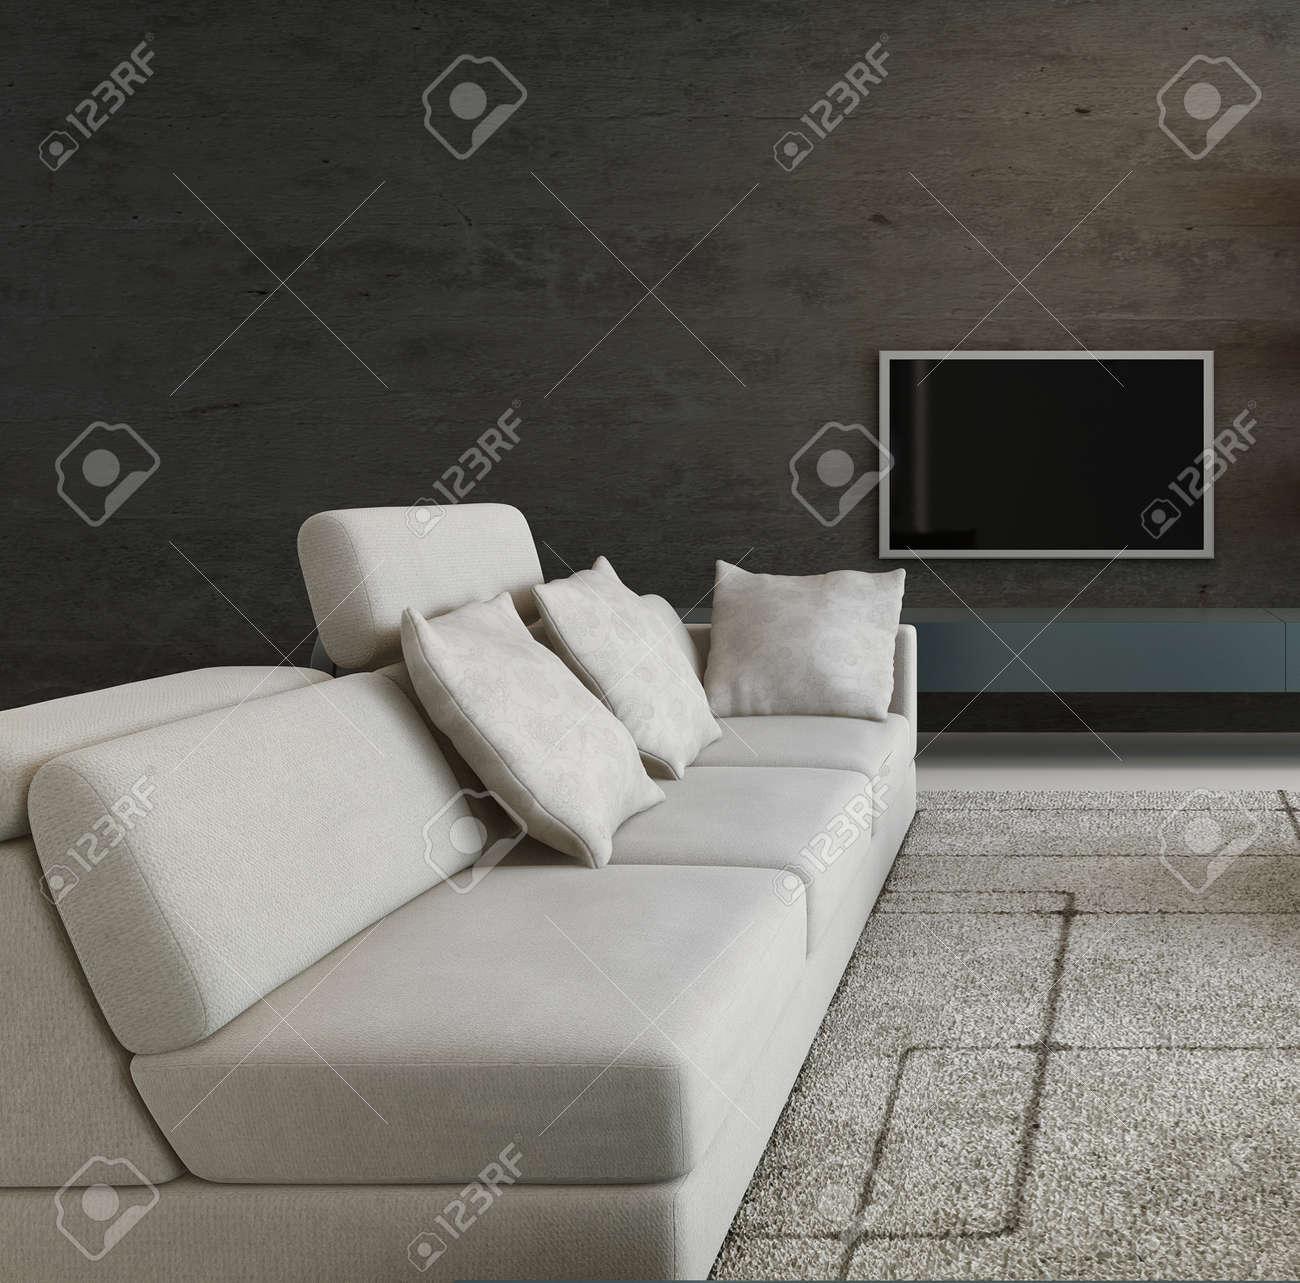 interieur du salon sombre avec canape blanc et tv suspendu un mur